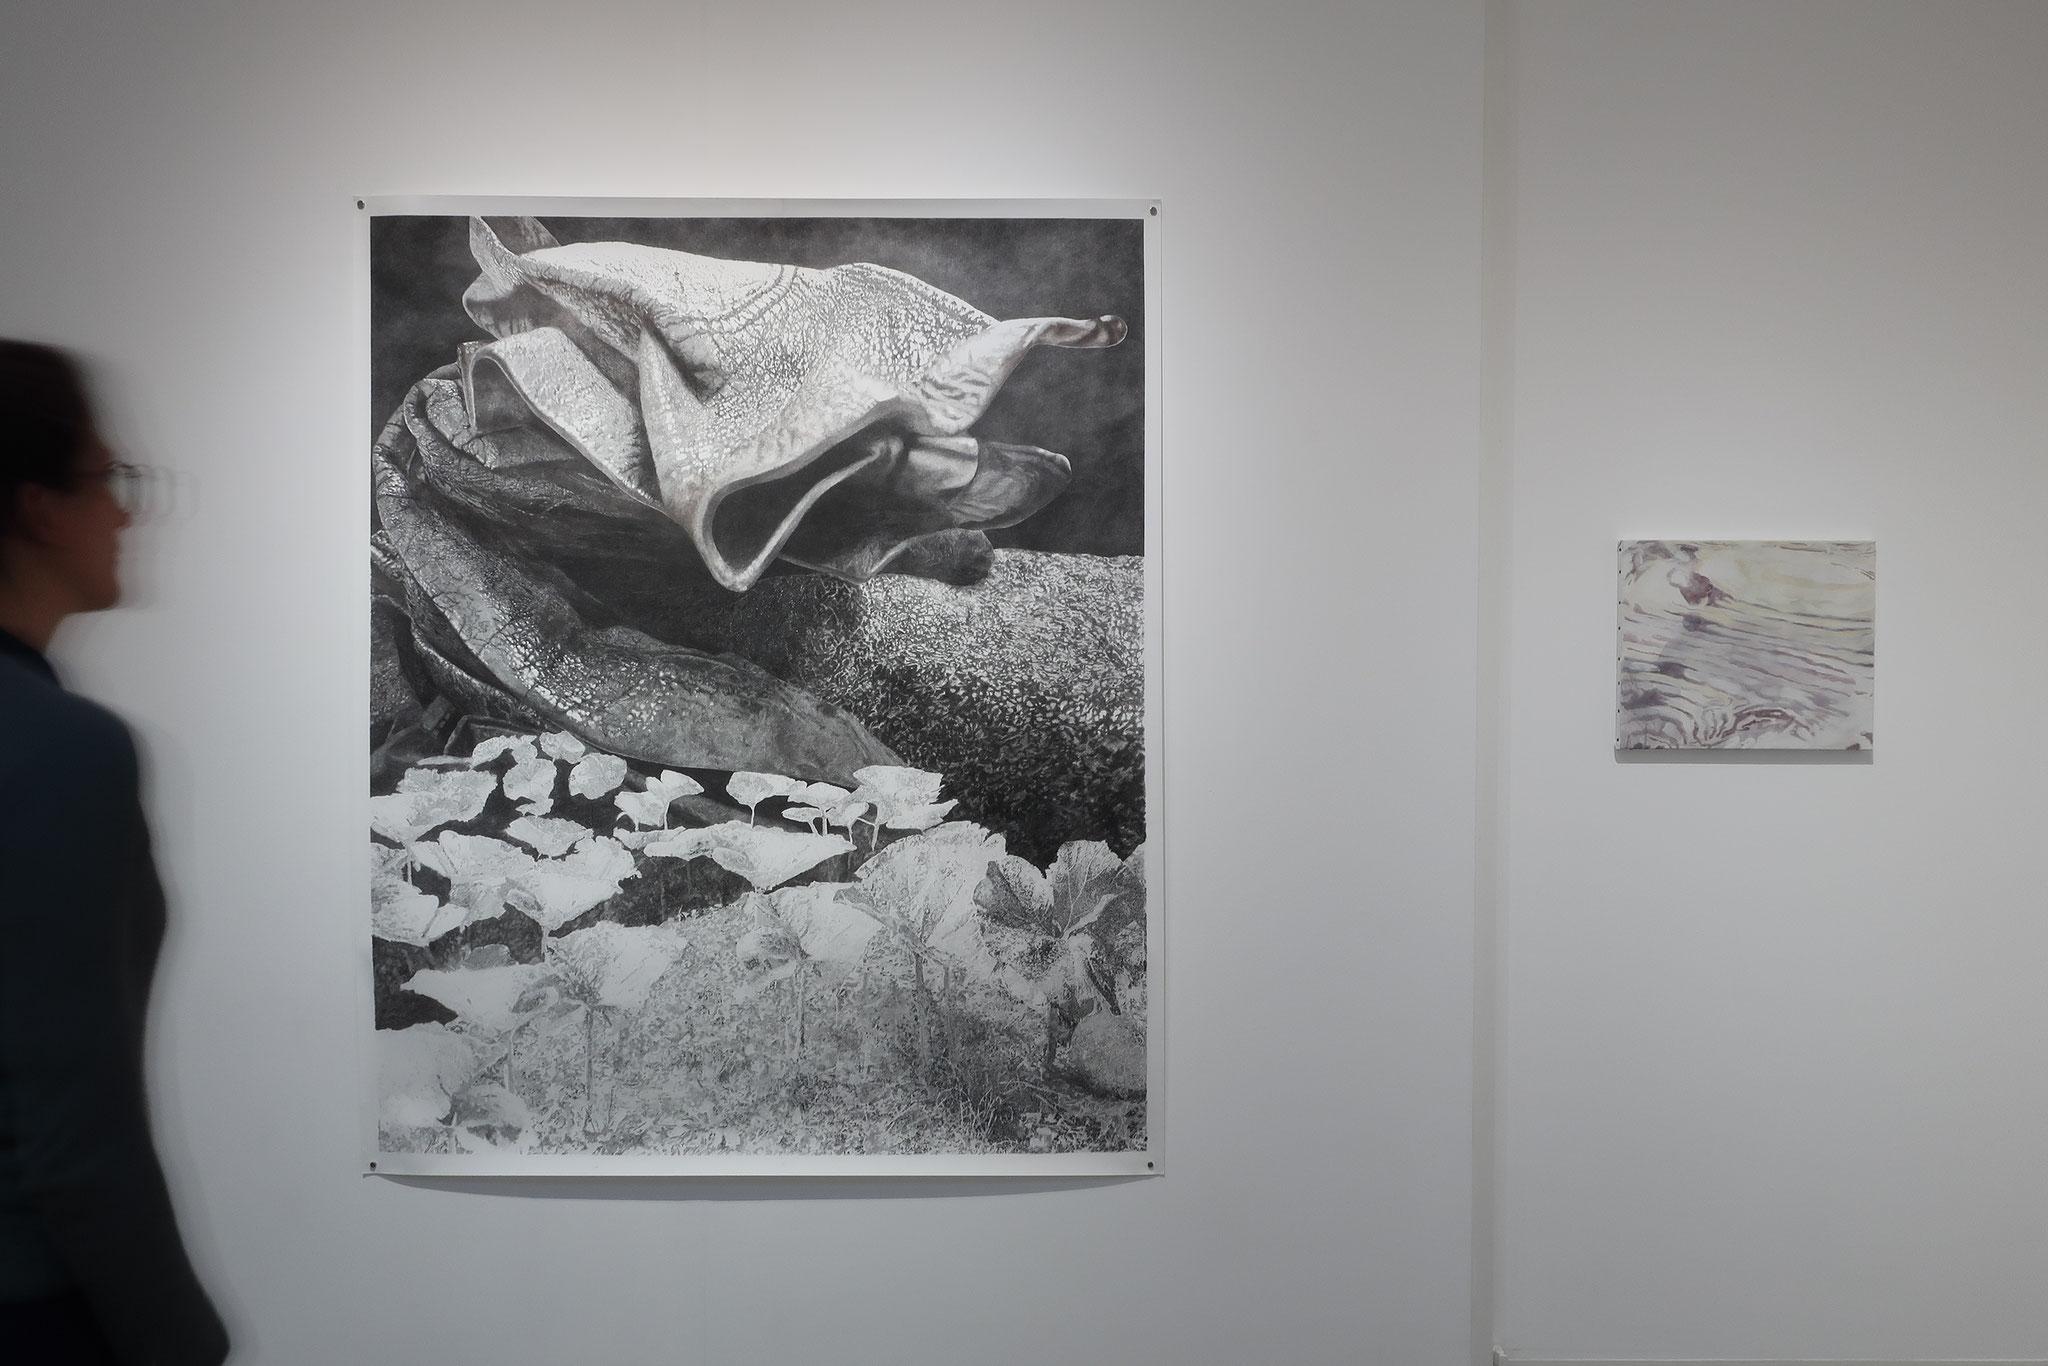 Narcisse Mue Niger brillant, fusain et mine graphite sur papier, 144 x 175,5 cm, 2018